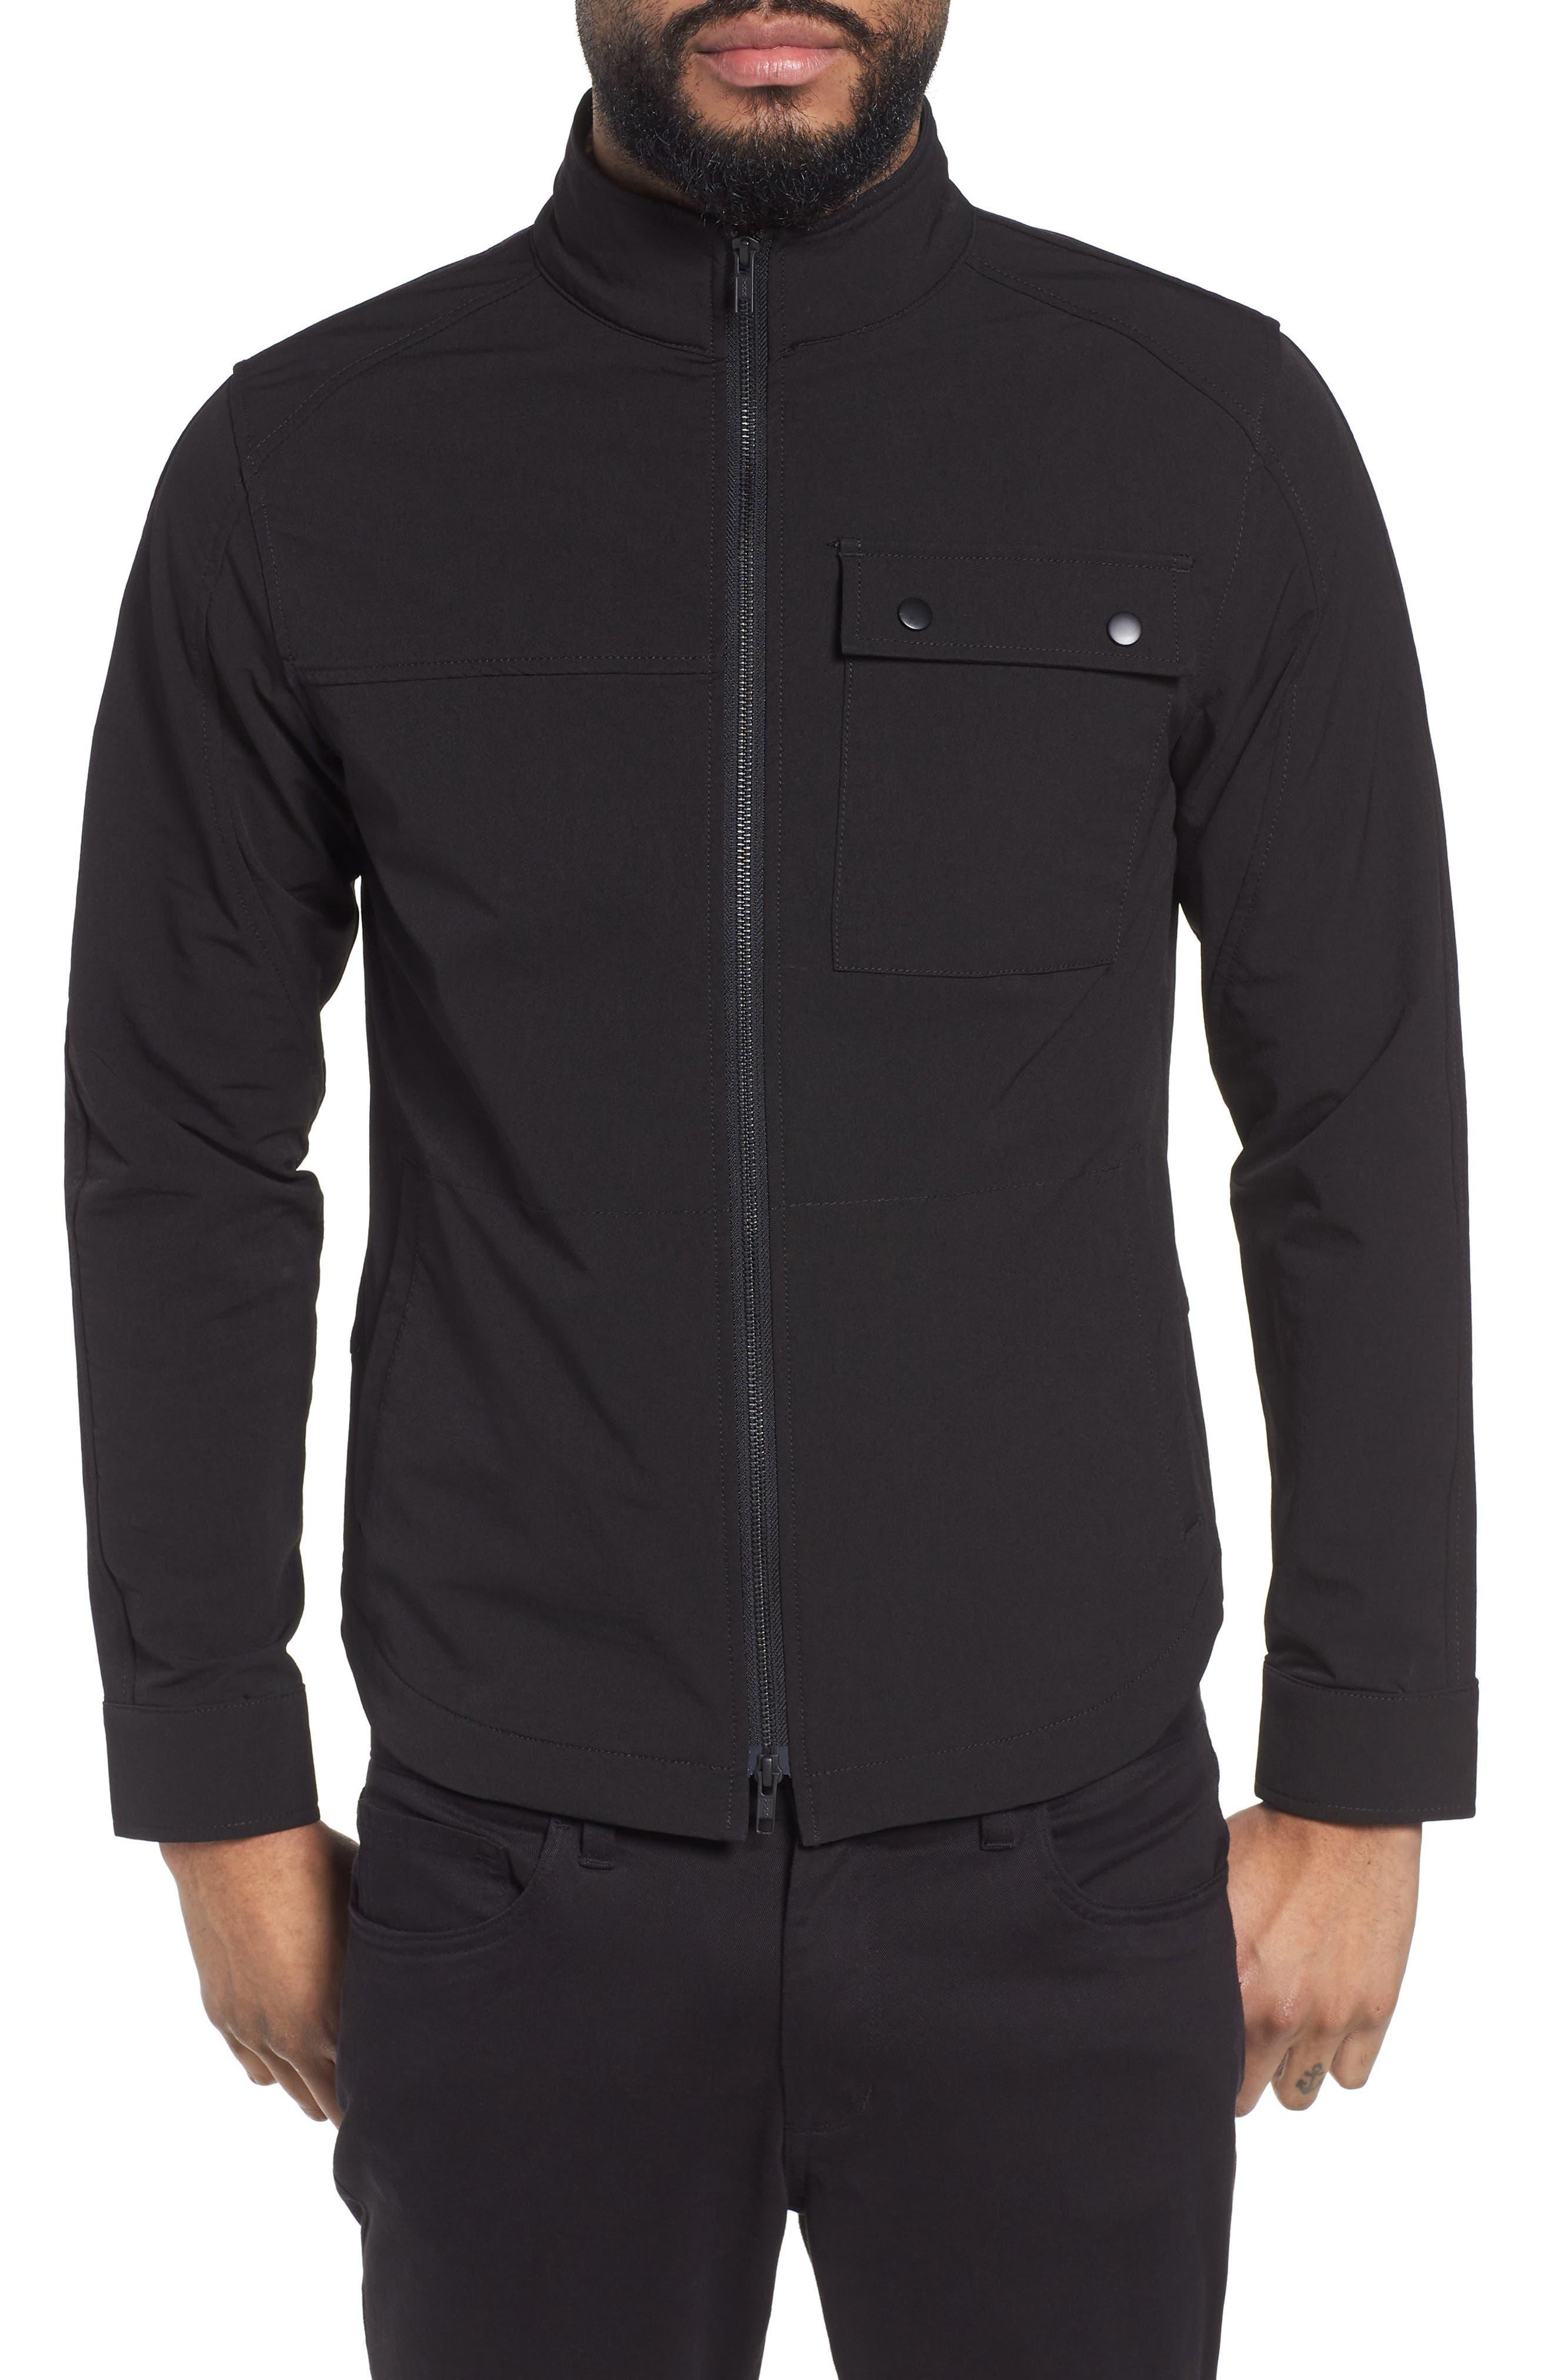 Tech Jacket,                         Main,                         color, 001